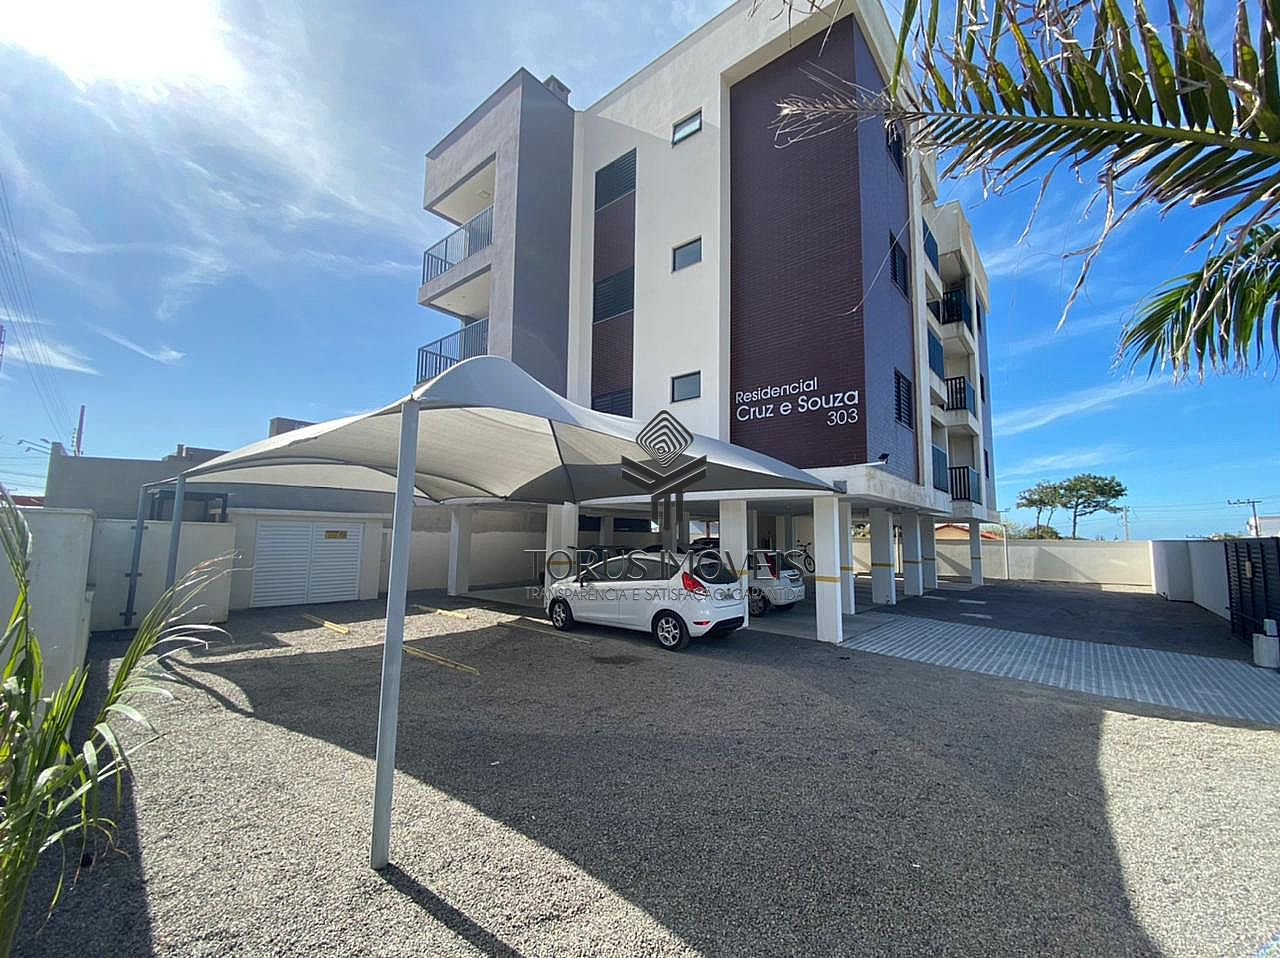 Apartamento para Venda - Village - Imbituba/SC - Residencial Cruz e Souza